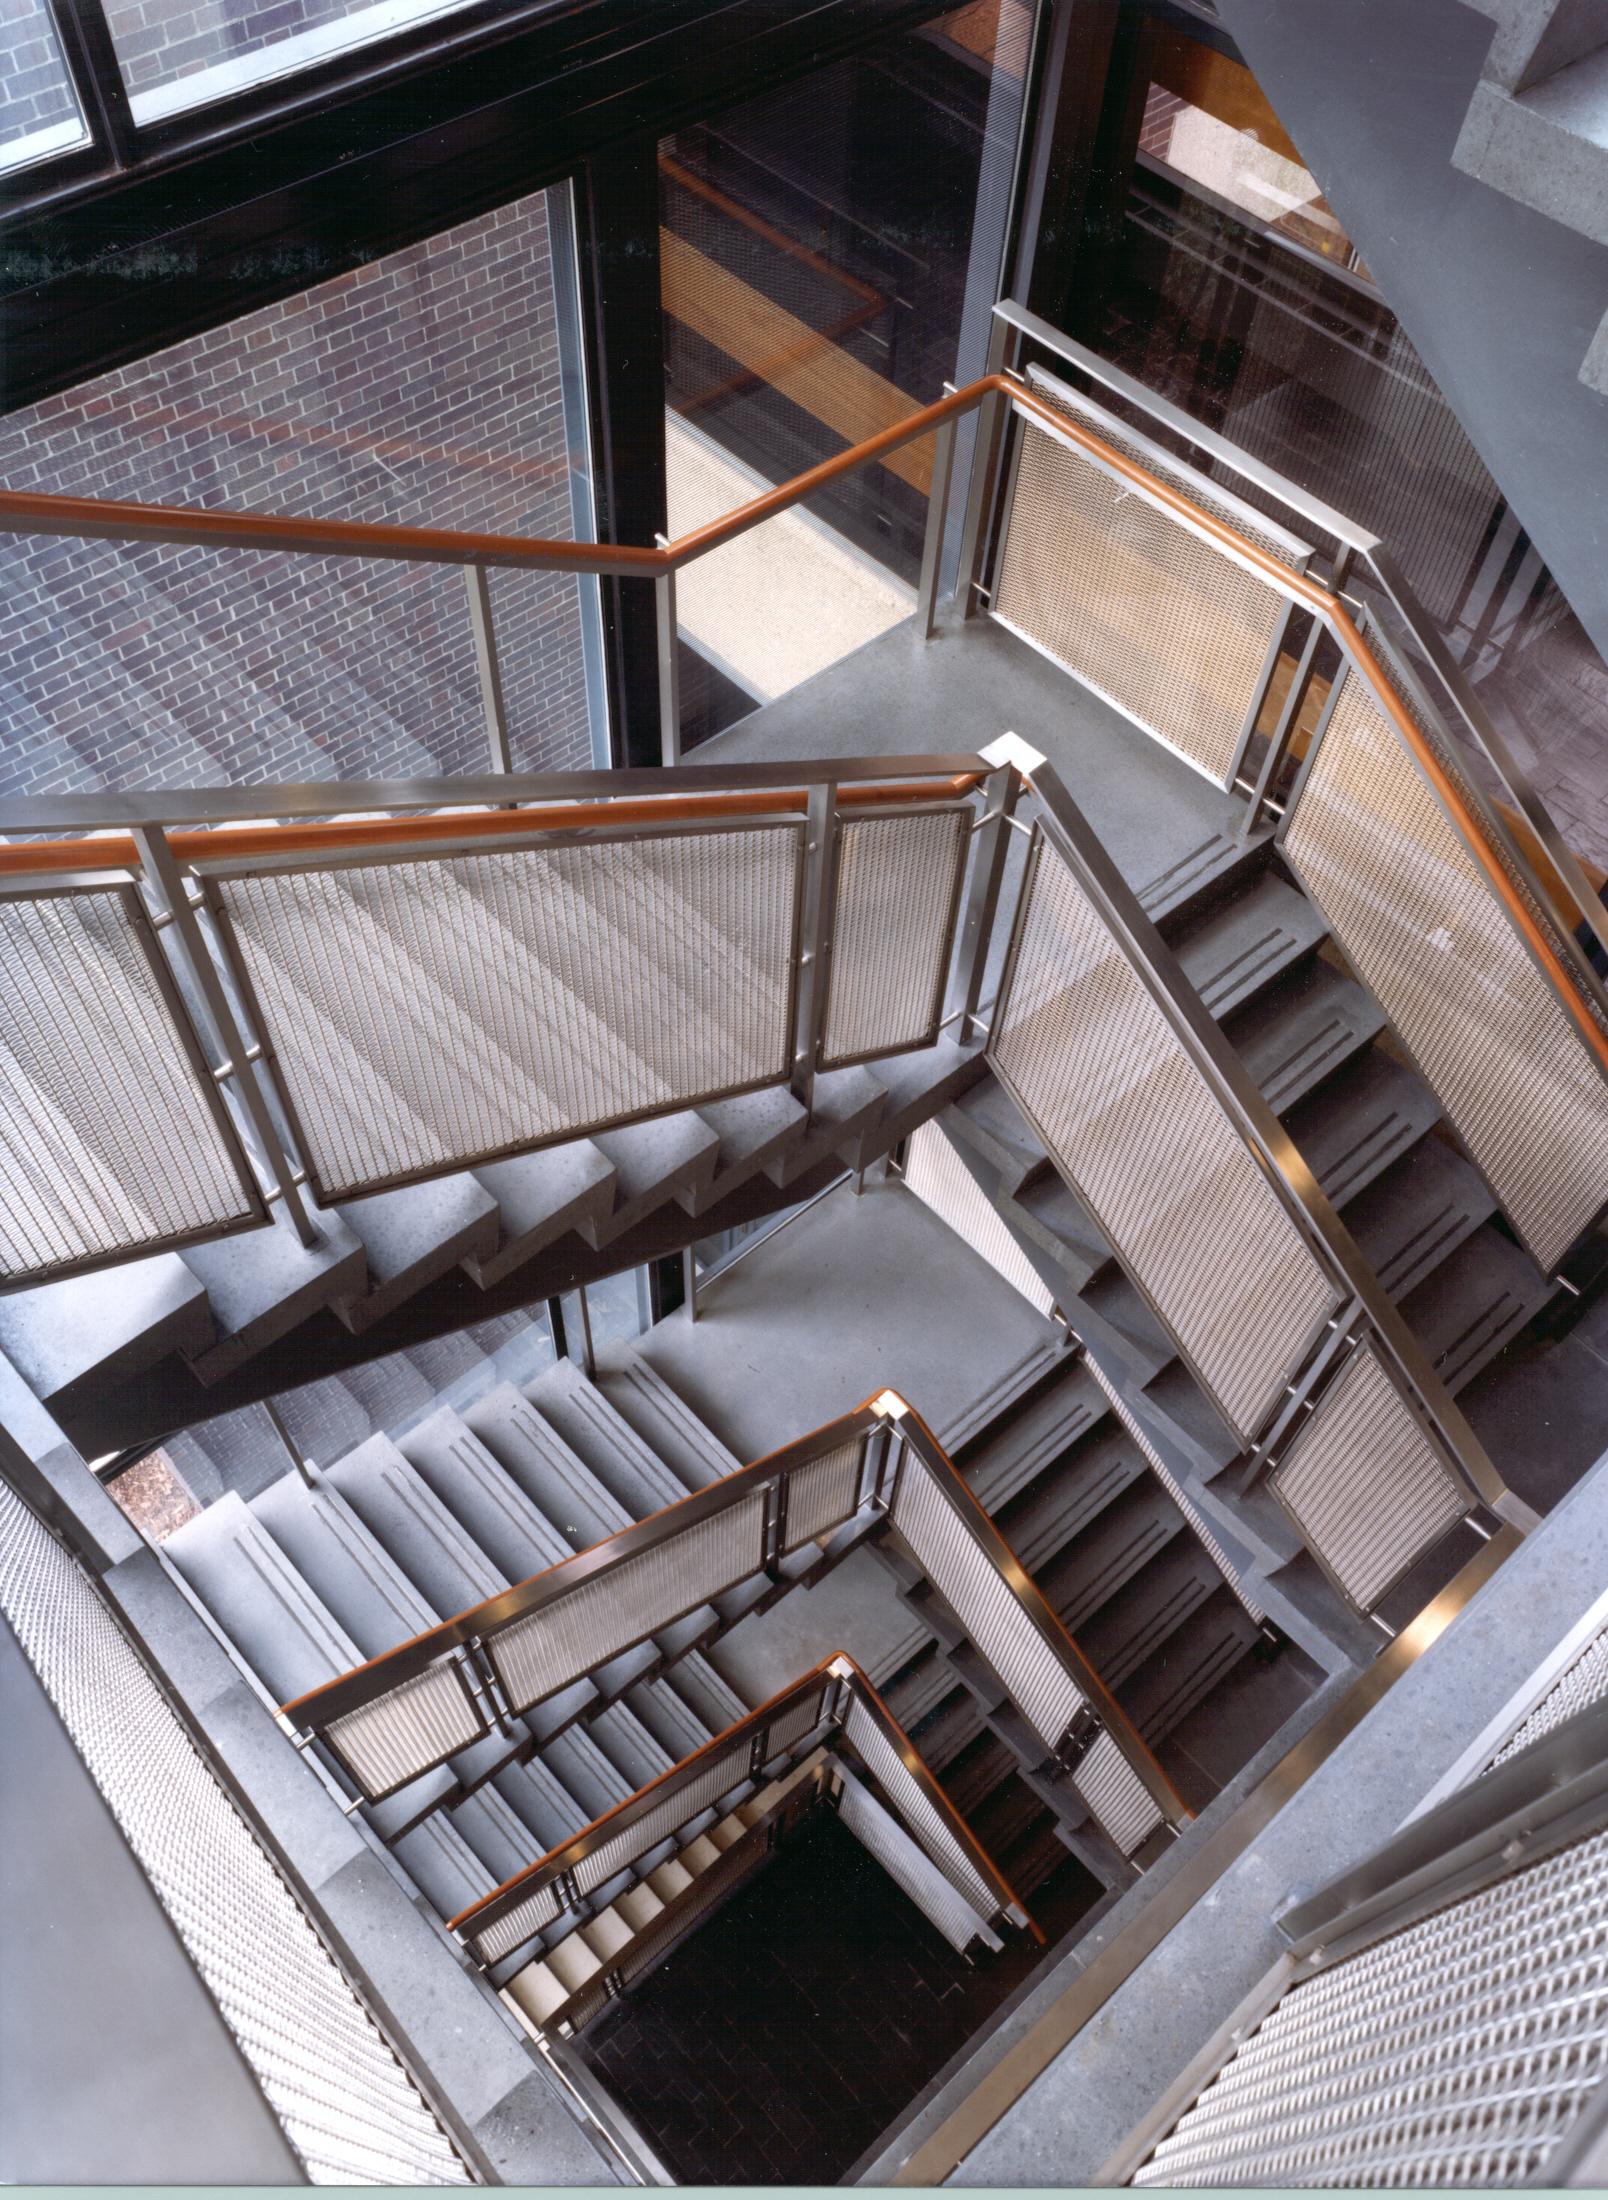 Harvard University Law School – Areeda Hall